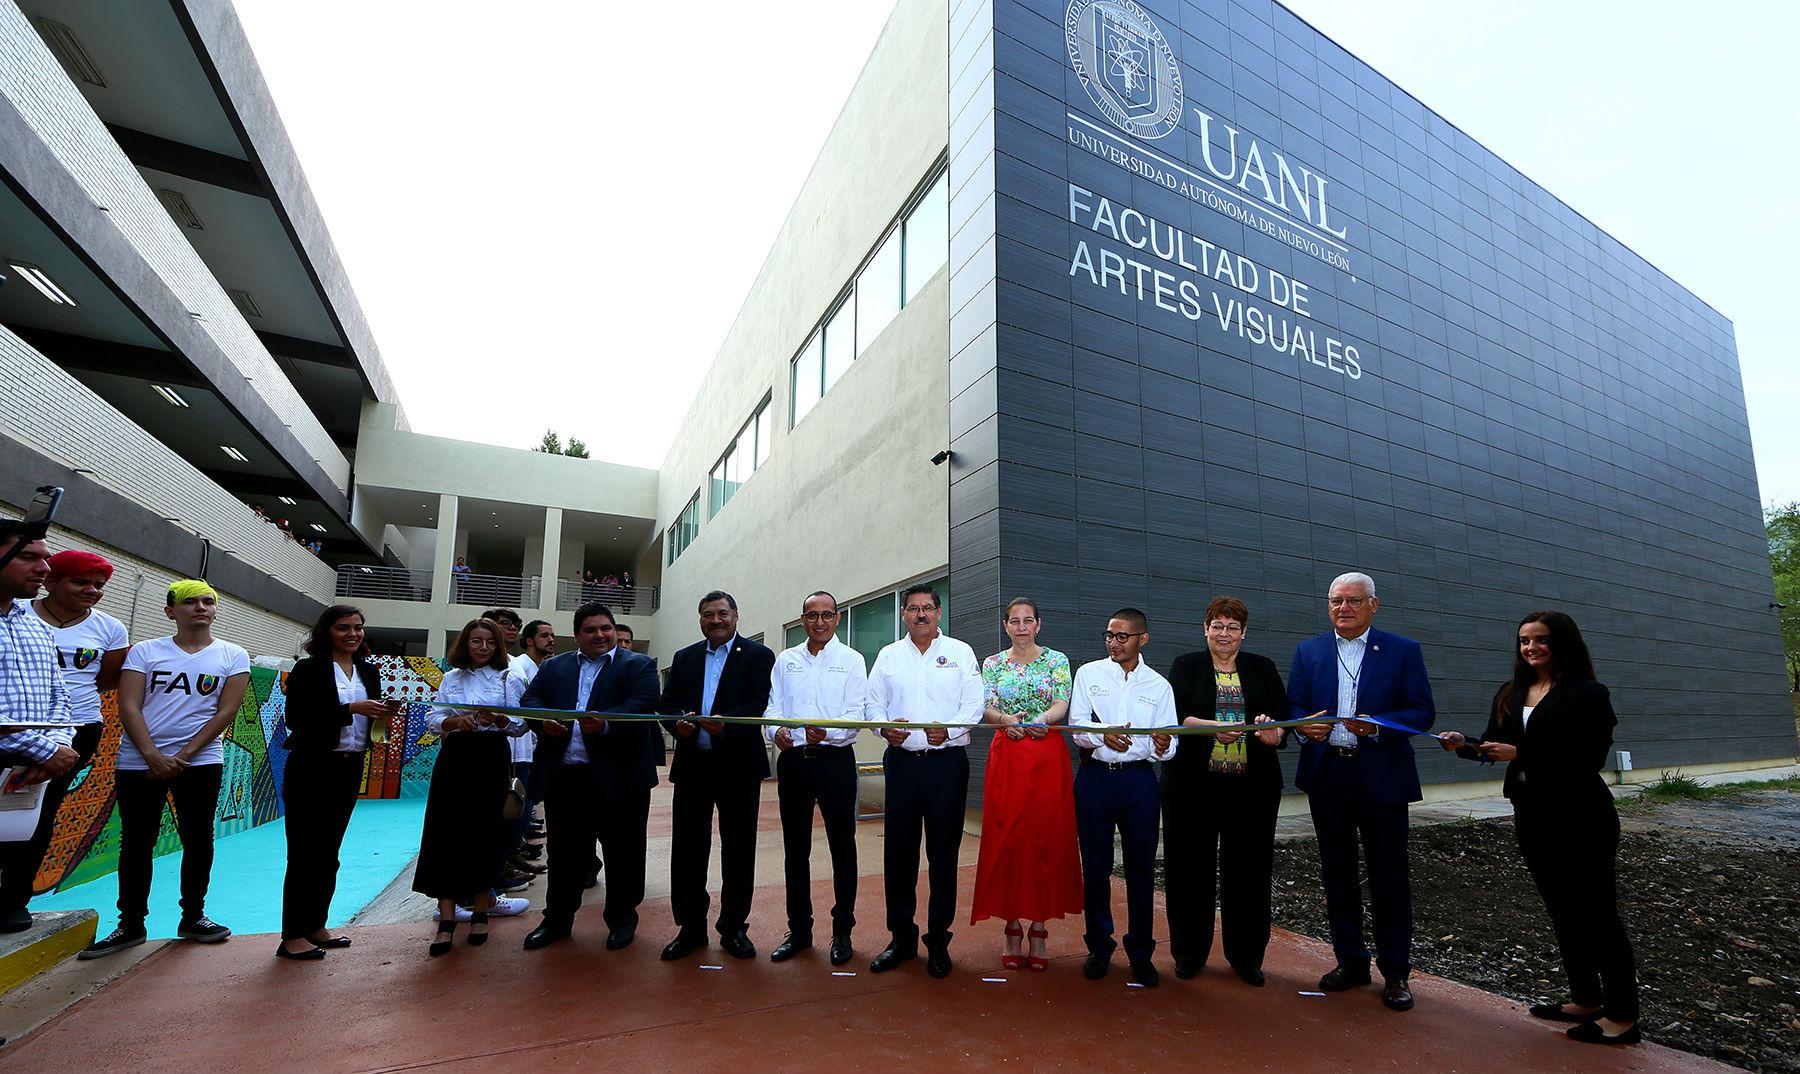 Nuevo edificio de la Facultad de Artes Visuales